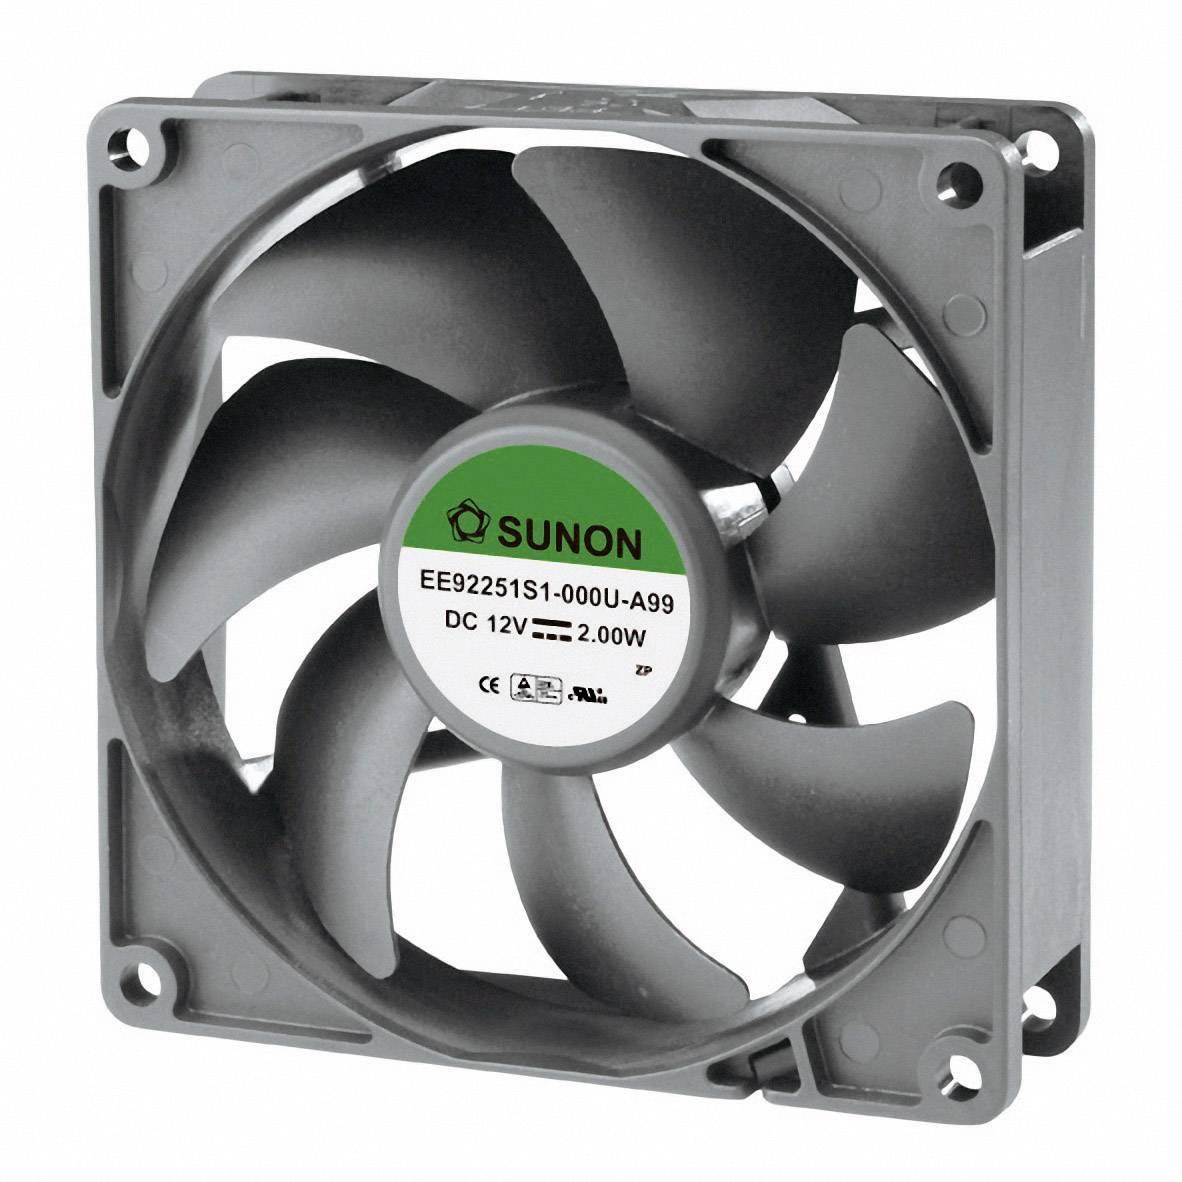 Axiálny ventilátor Sunon EE92251S1-000U-A99 EE92251S1-000U-A99, 12 V/DC, 34 dB, (d x š x v) 92 x 92 x 25 mm